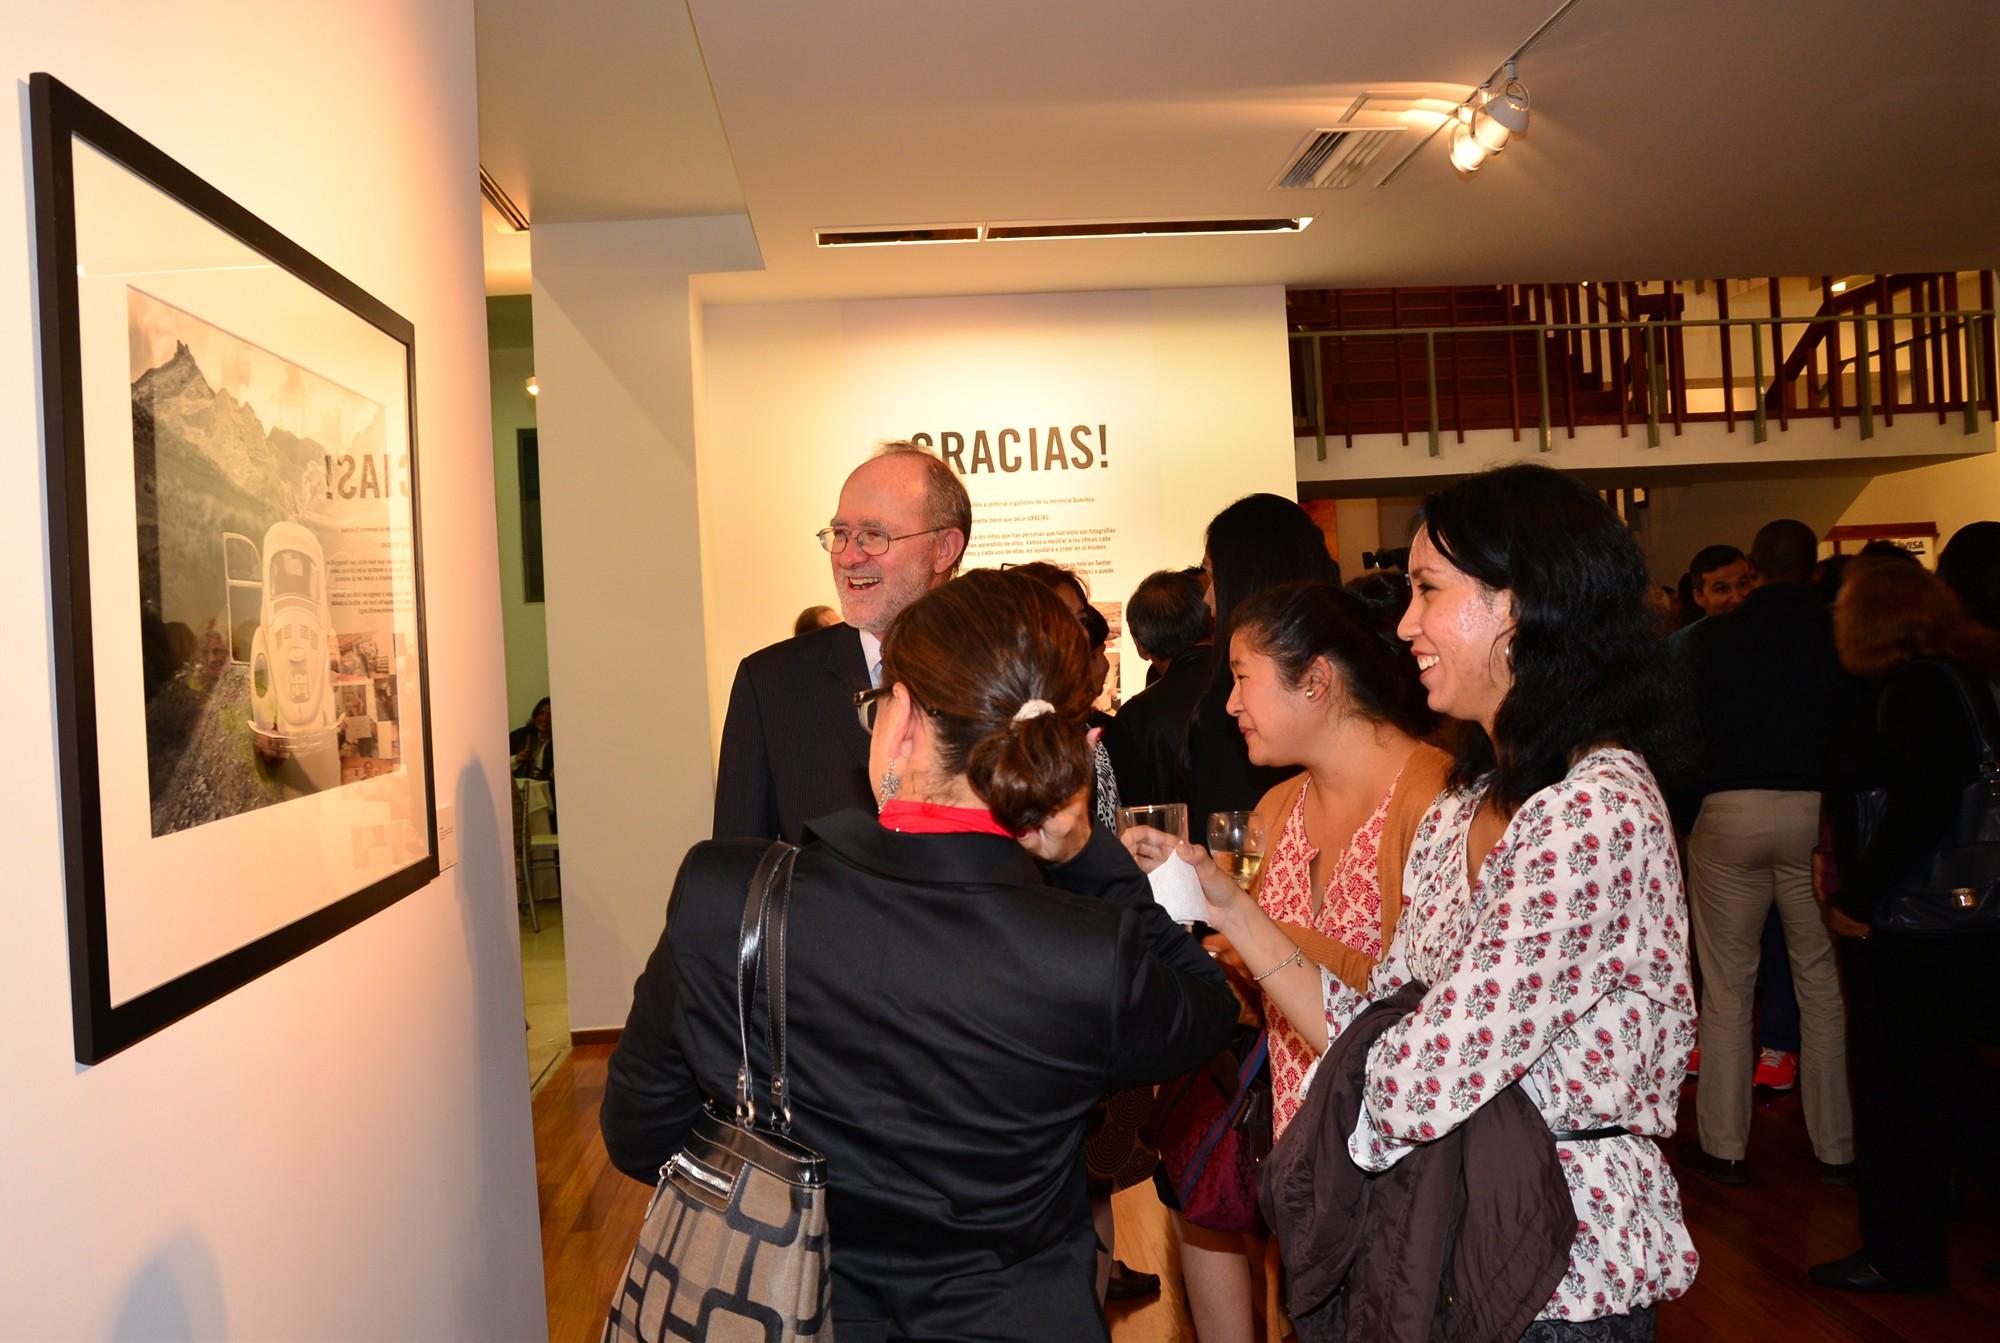 Los invitados disfrutaron de las fotografías tomadas por los niños en nuestros proyectos, así como de nuestro propio Fred Branson.